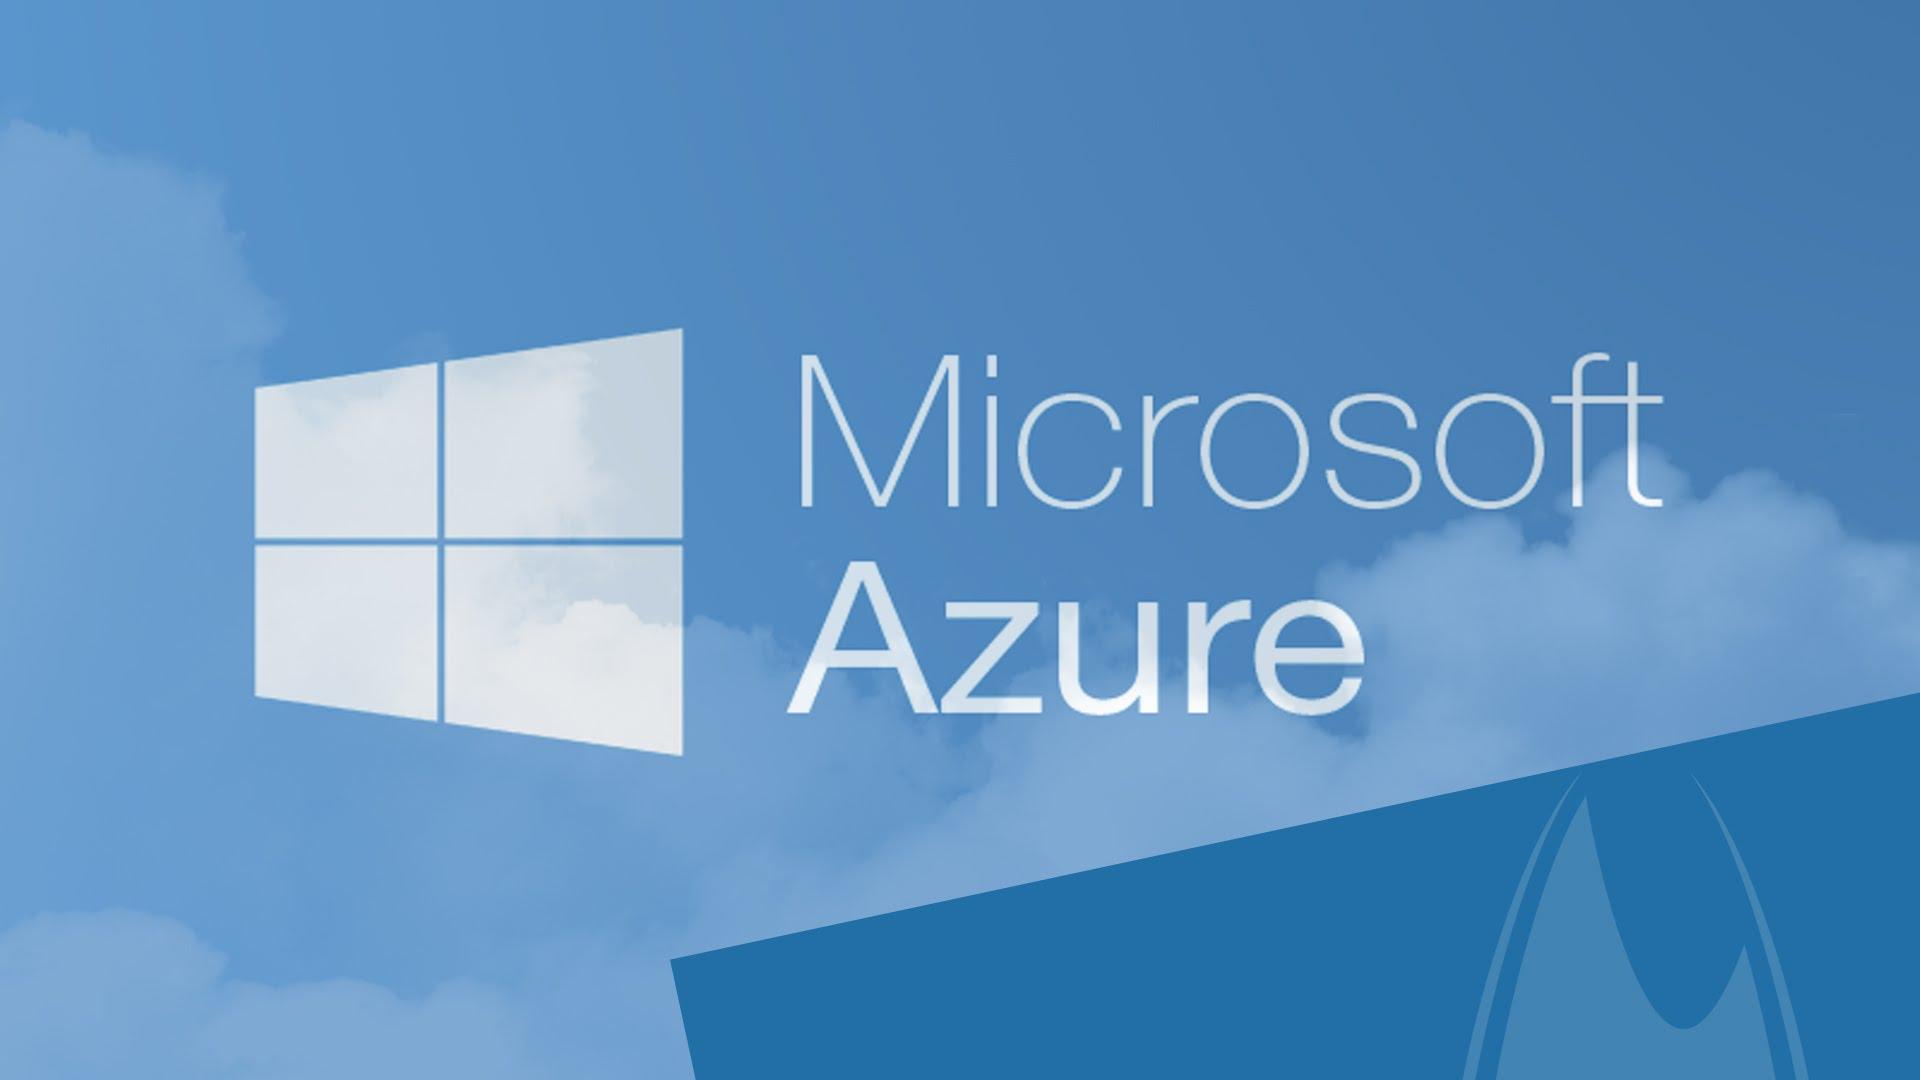 Microsoft Azure Components